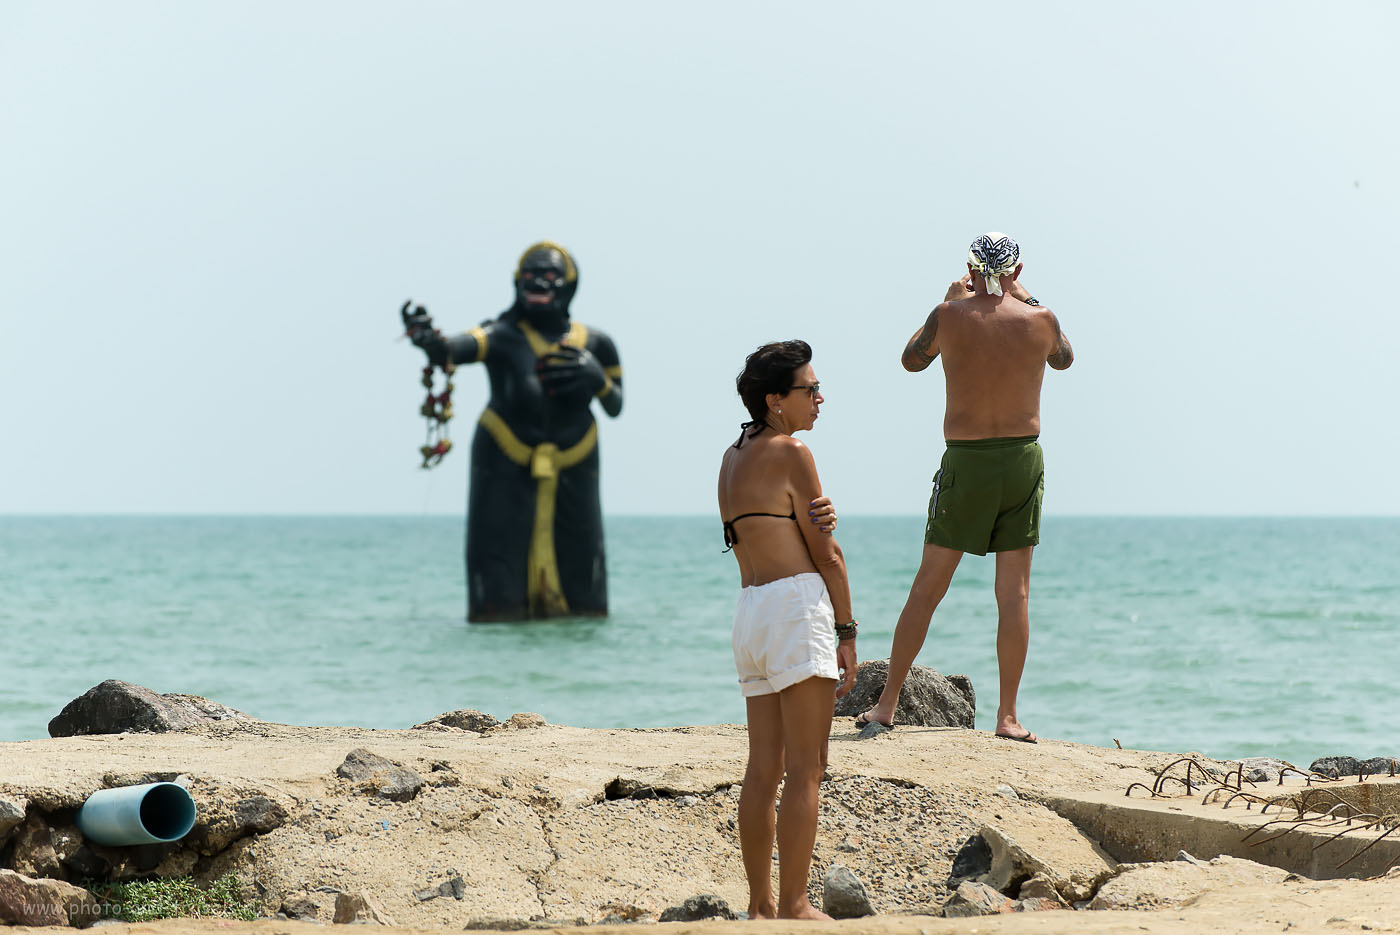 Фотография 15. Фотосессия с Черной Бабищей. Интересные места недалеко от Хуахина. Поездка на автомобиле по Таиланду.